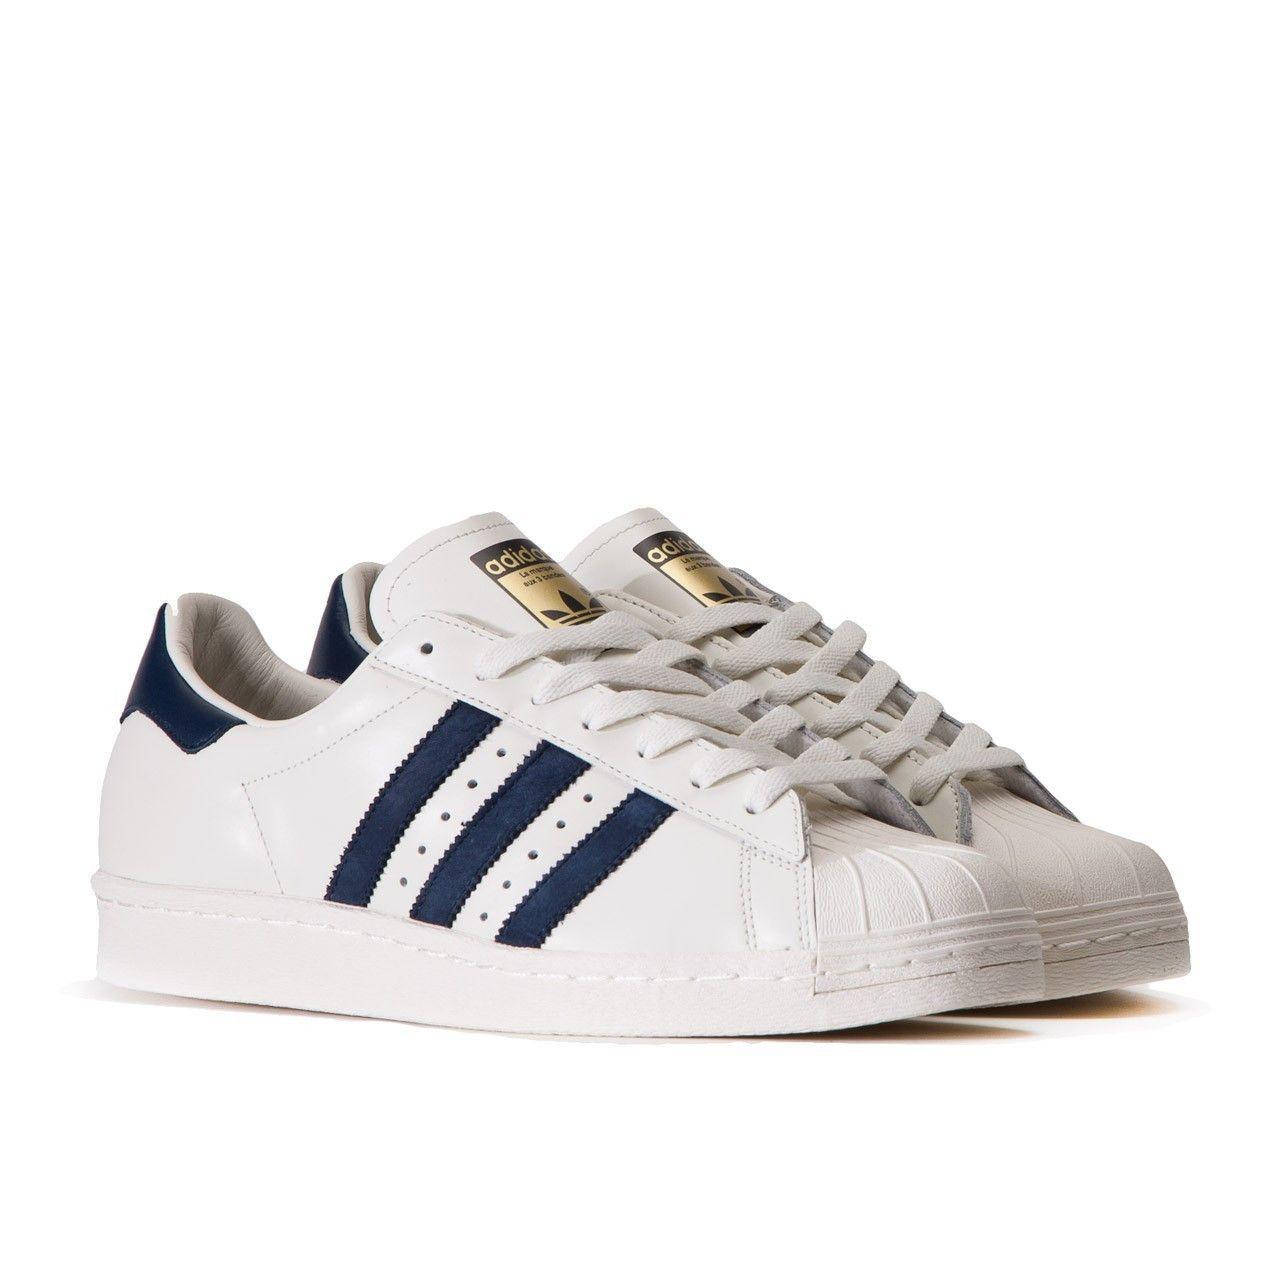 Adidas superstar 80s dlx Donna for sale cheap >il più grande off53%